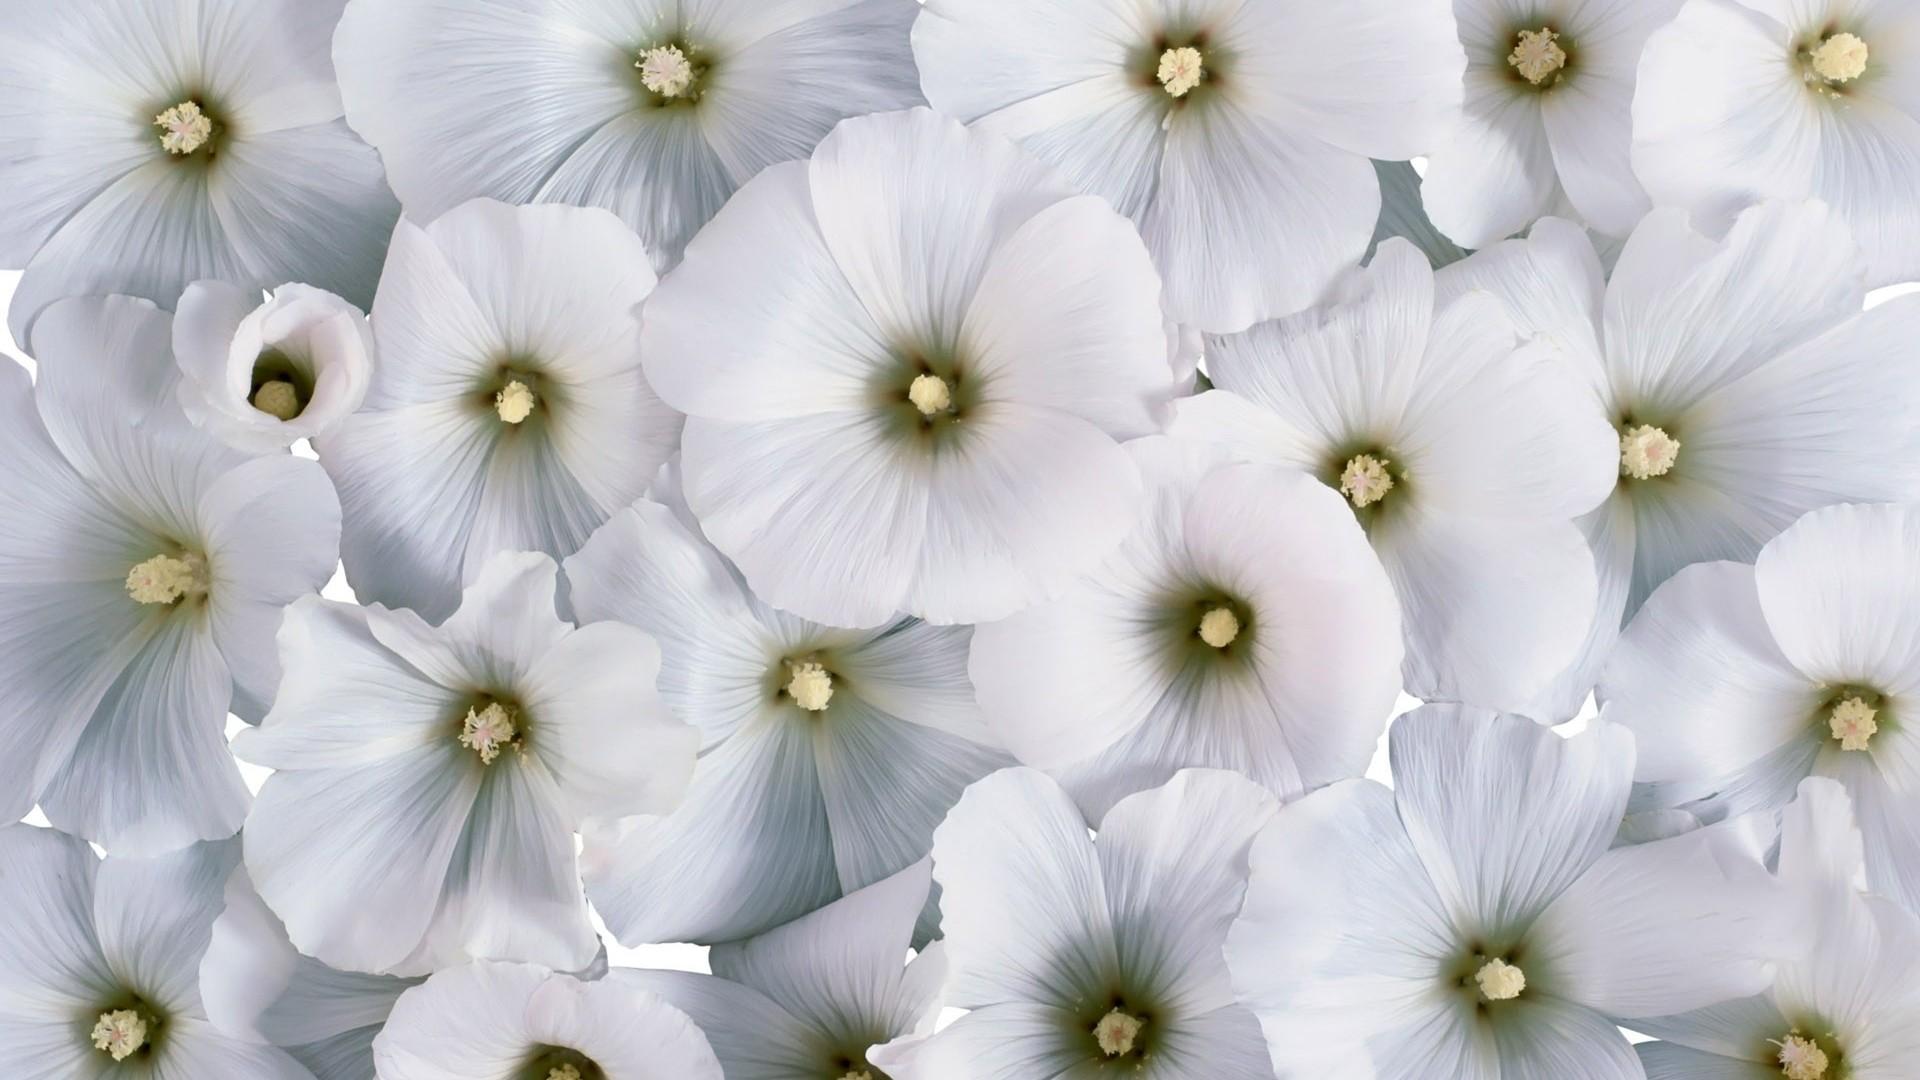 White Flower Pic